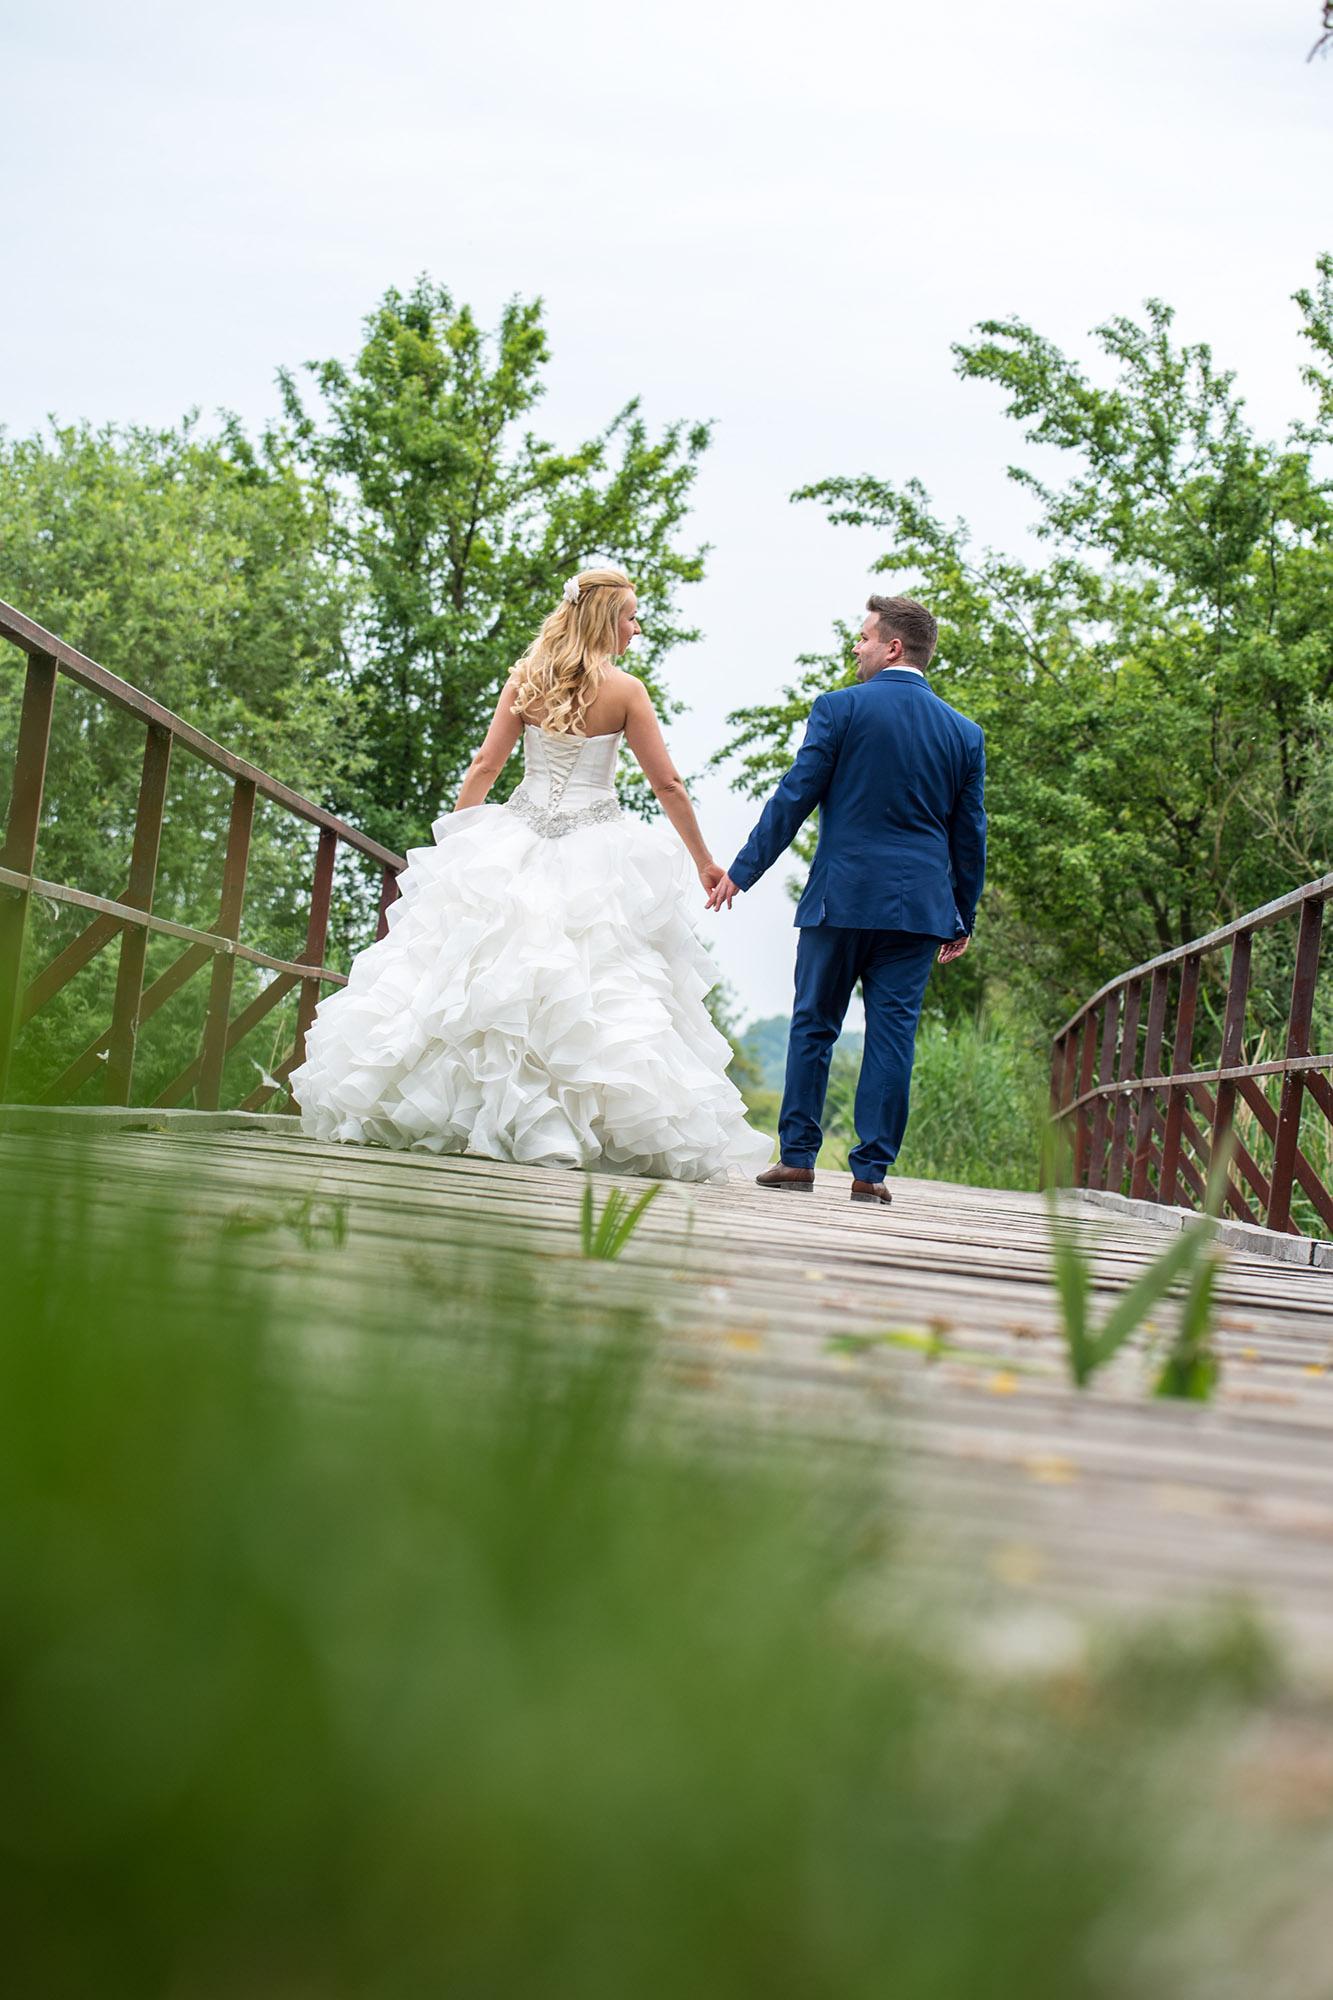 romantikus esküvő fotózás